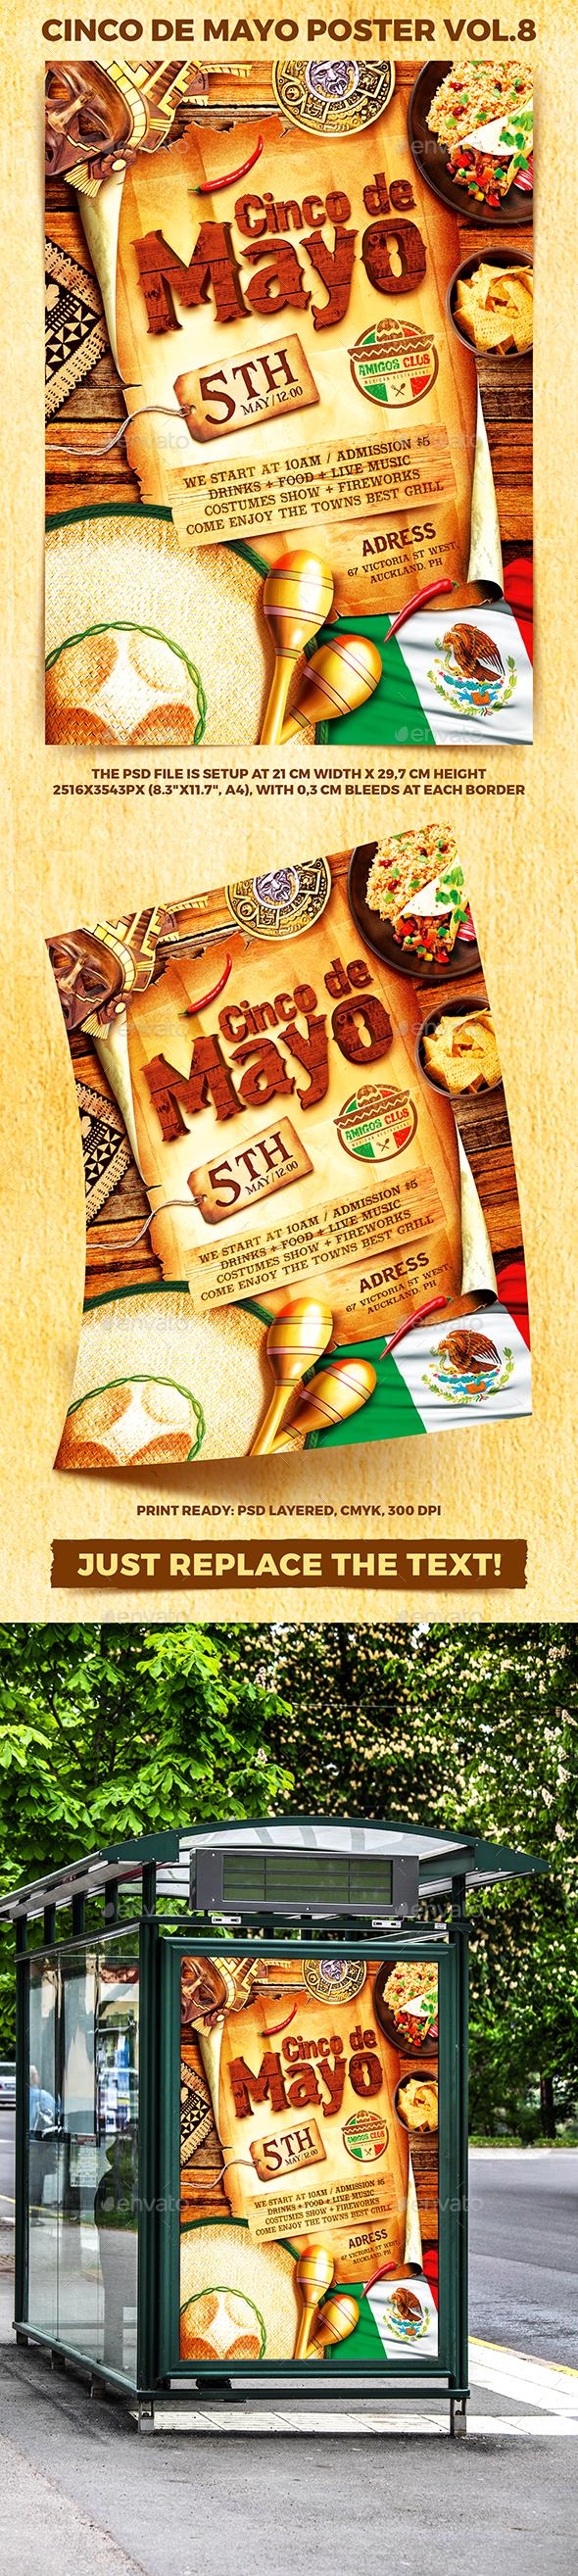 Cinco de Mayo Party Poster vol.8 - Holidays Events